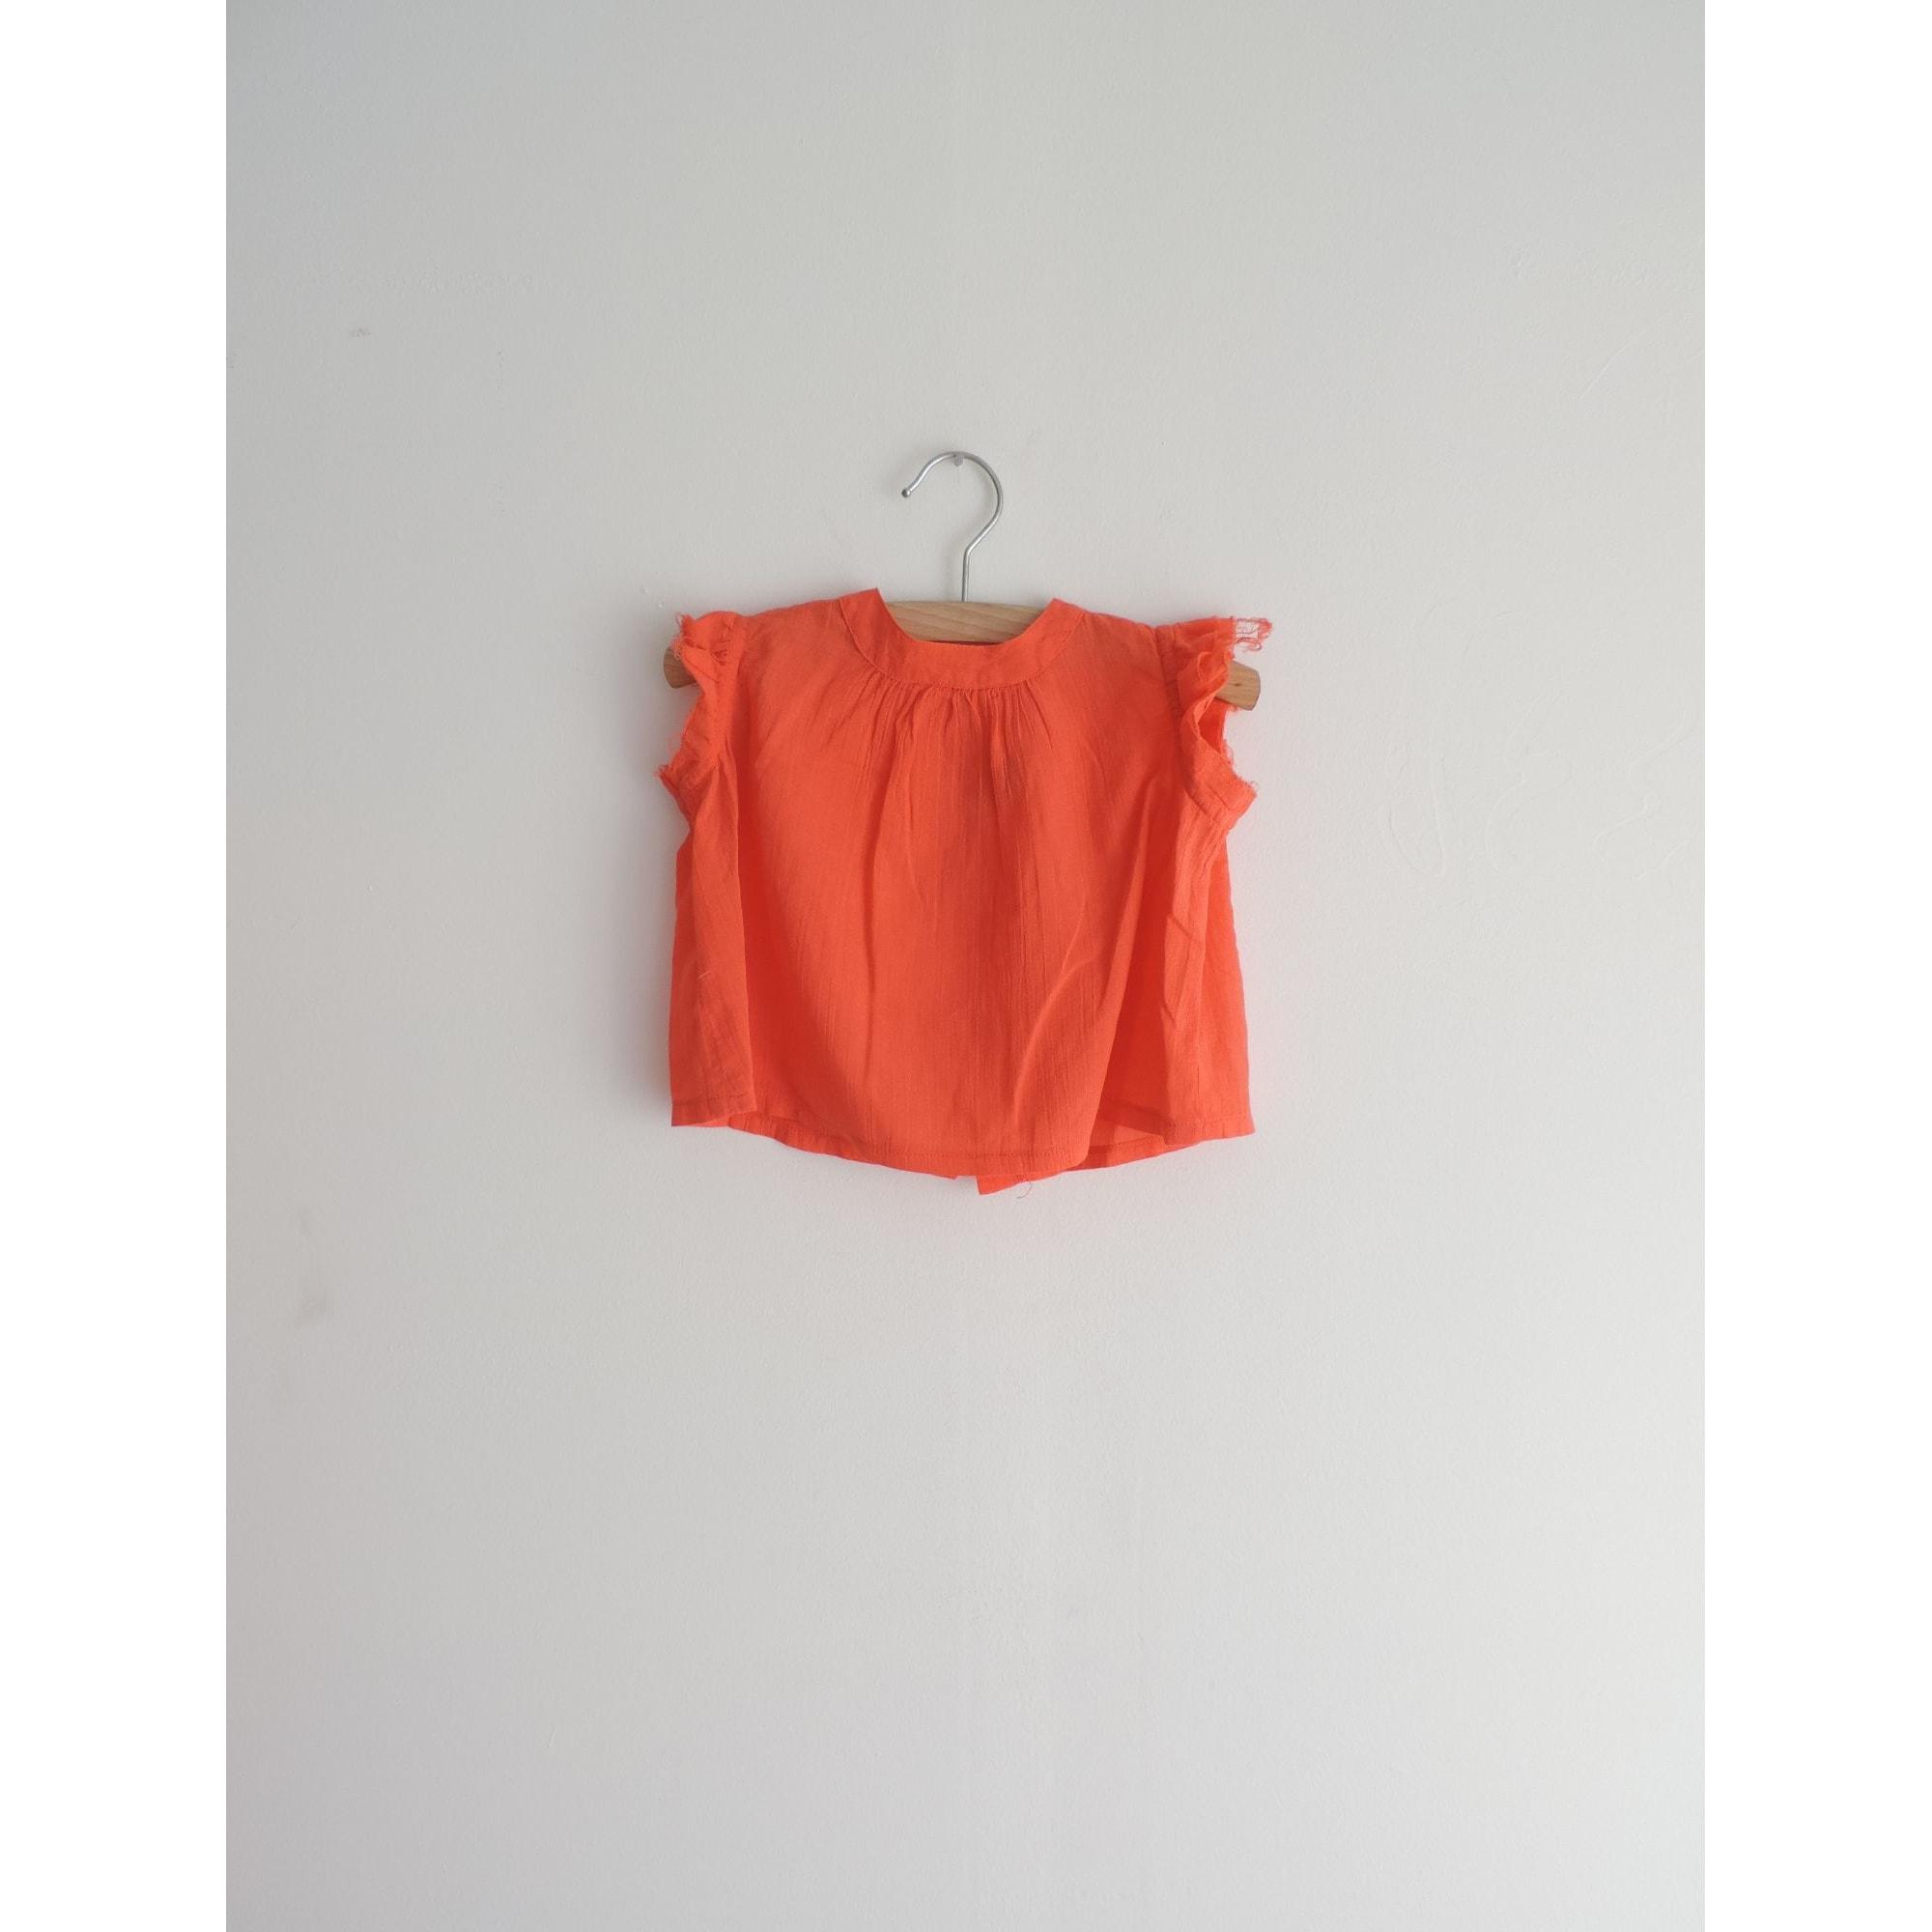 Top, tee shirt BONTON Orange